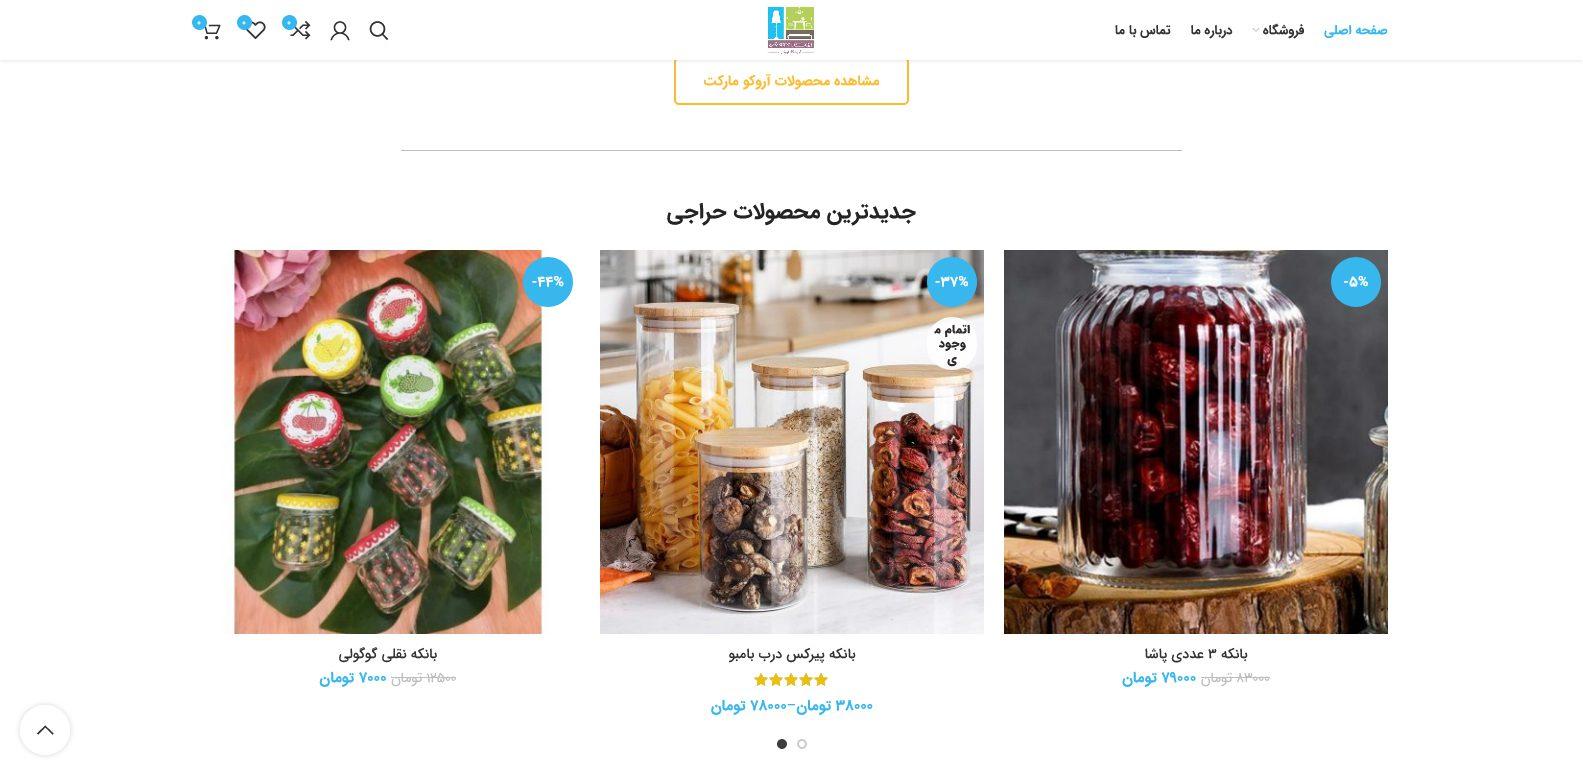 طراحی سایت فروشگاه آروکو لند